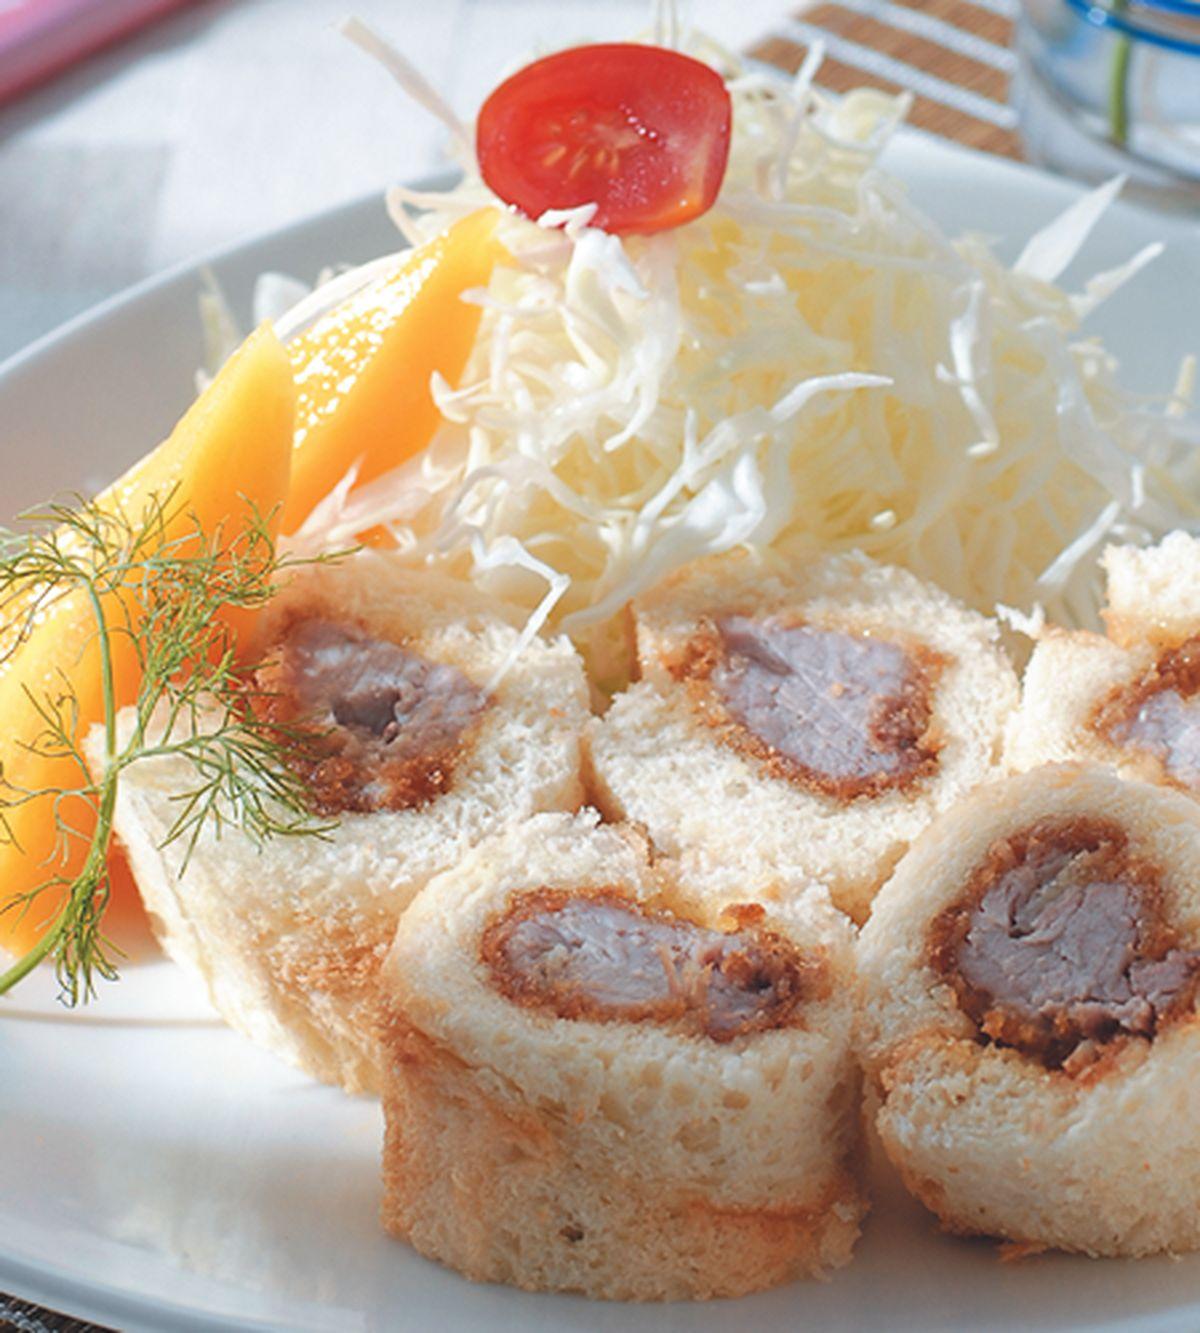 食譜:卡滋里肌土司卷